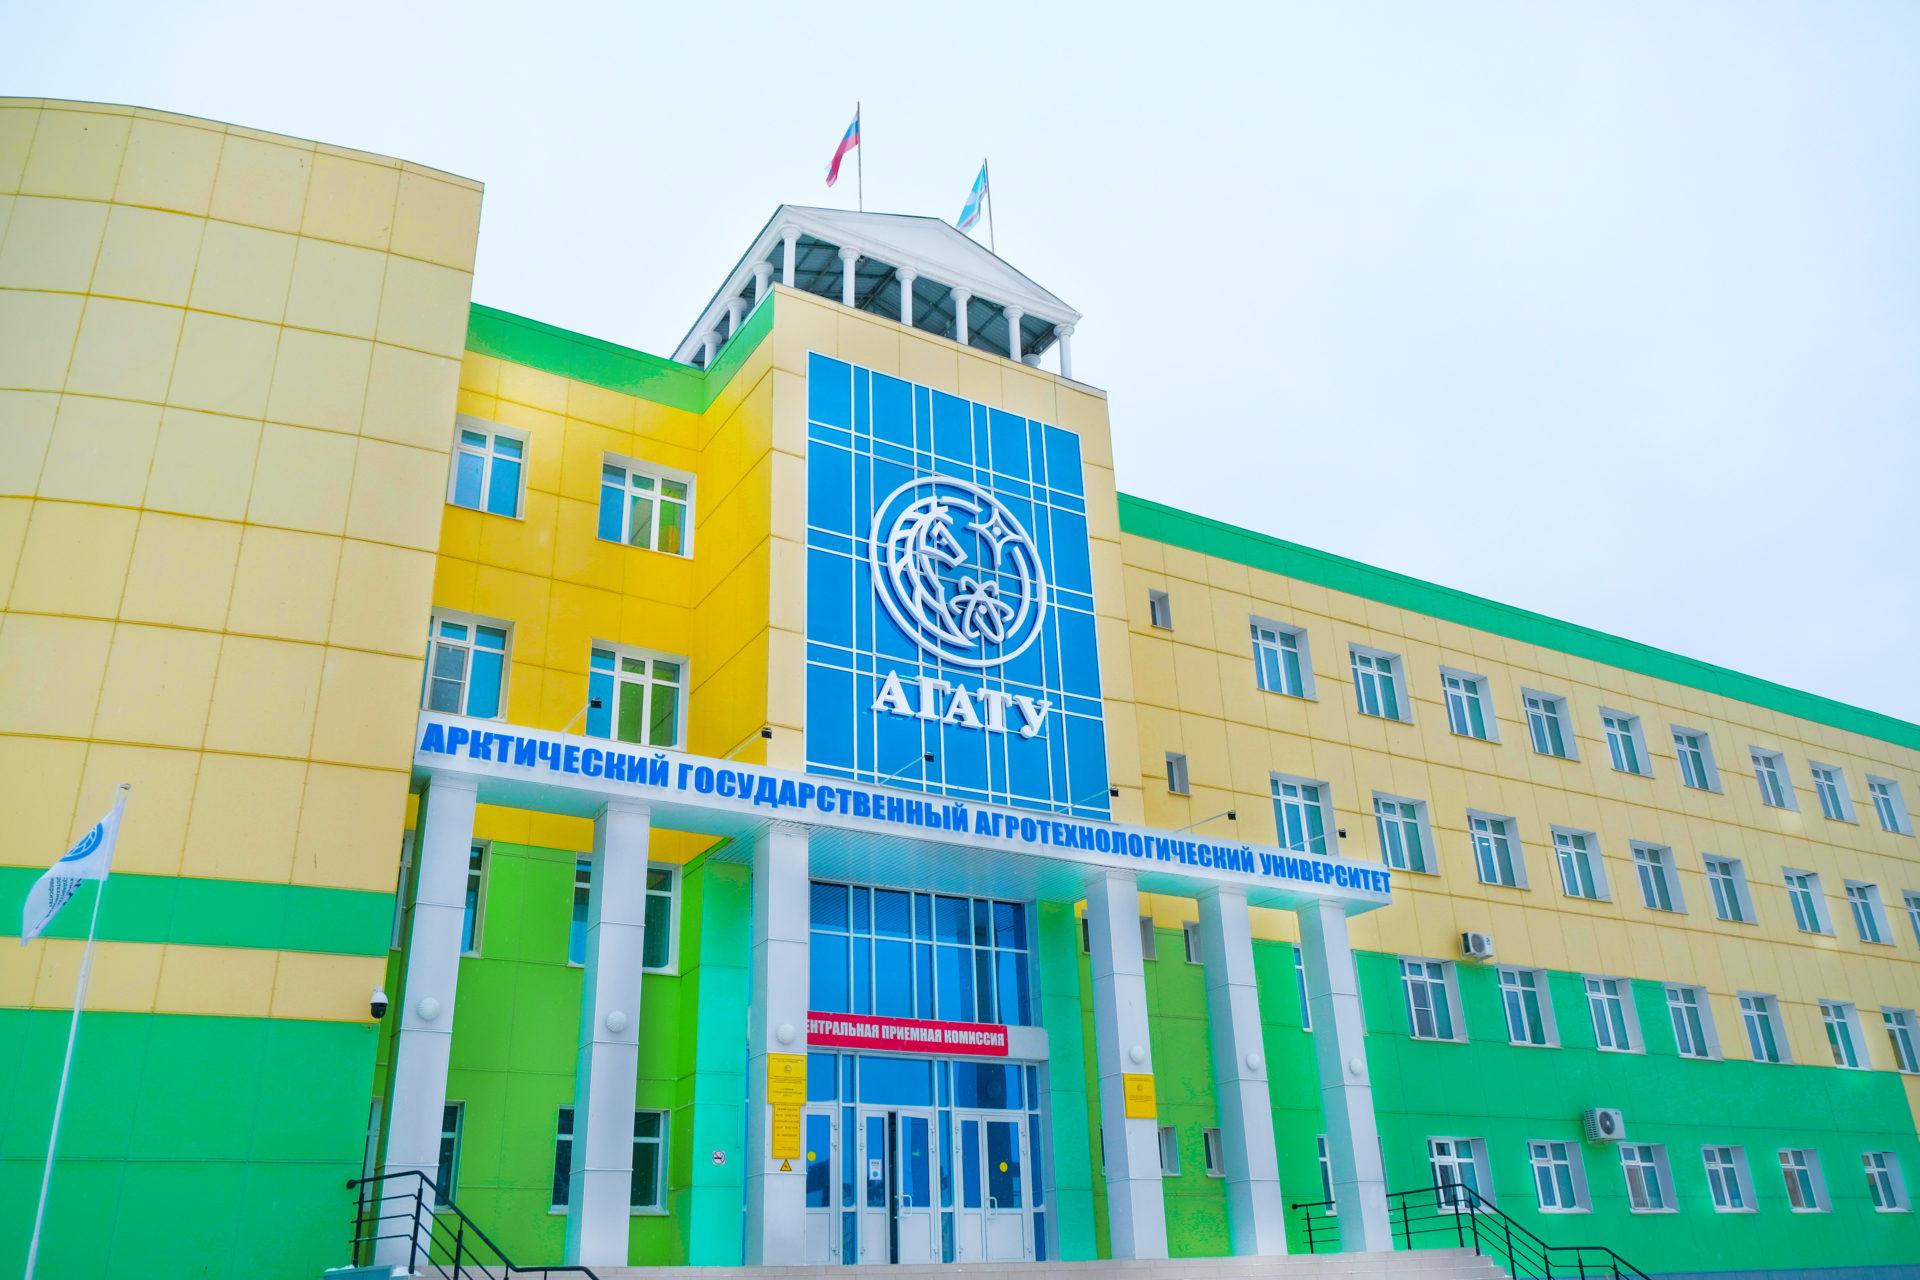 АГАТУ выиграл 5 медалей на Всероссийской выставке «Золотая осень»